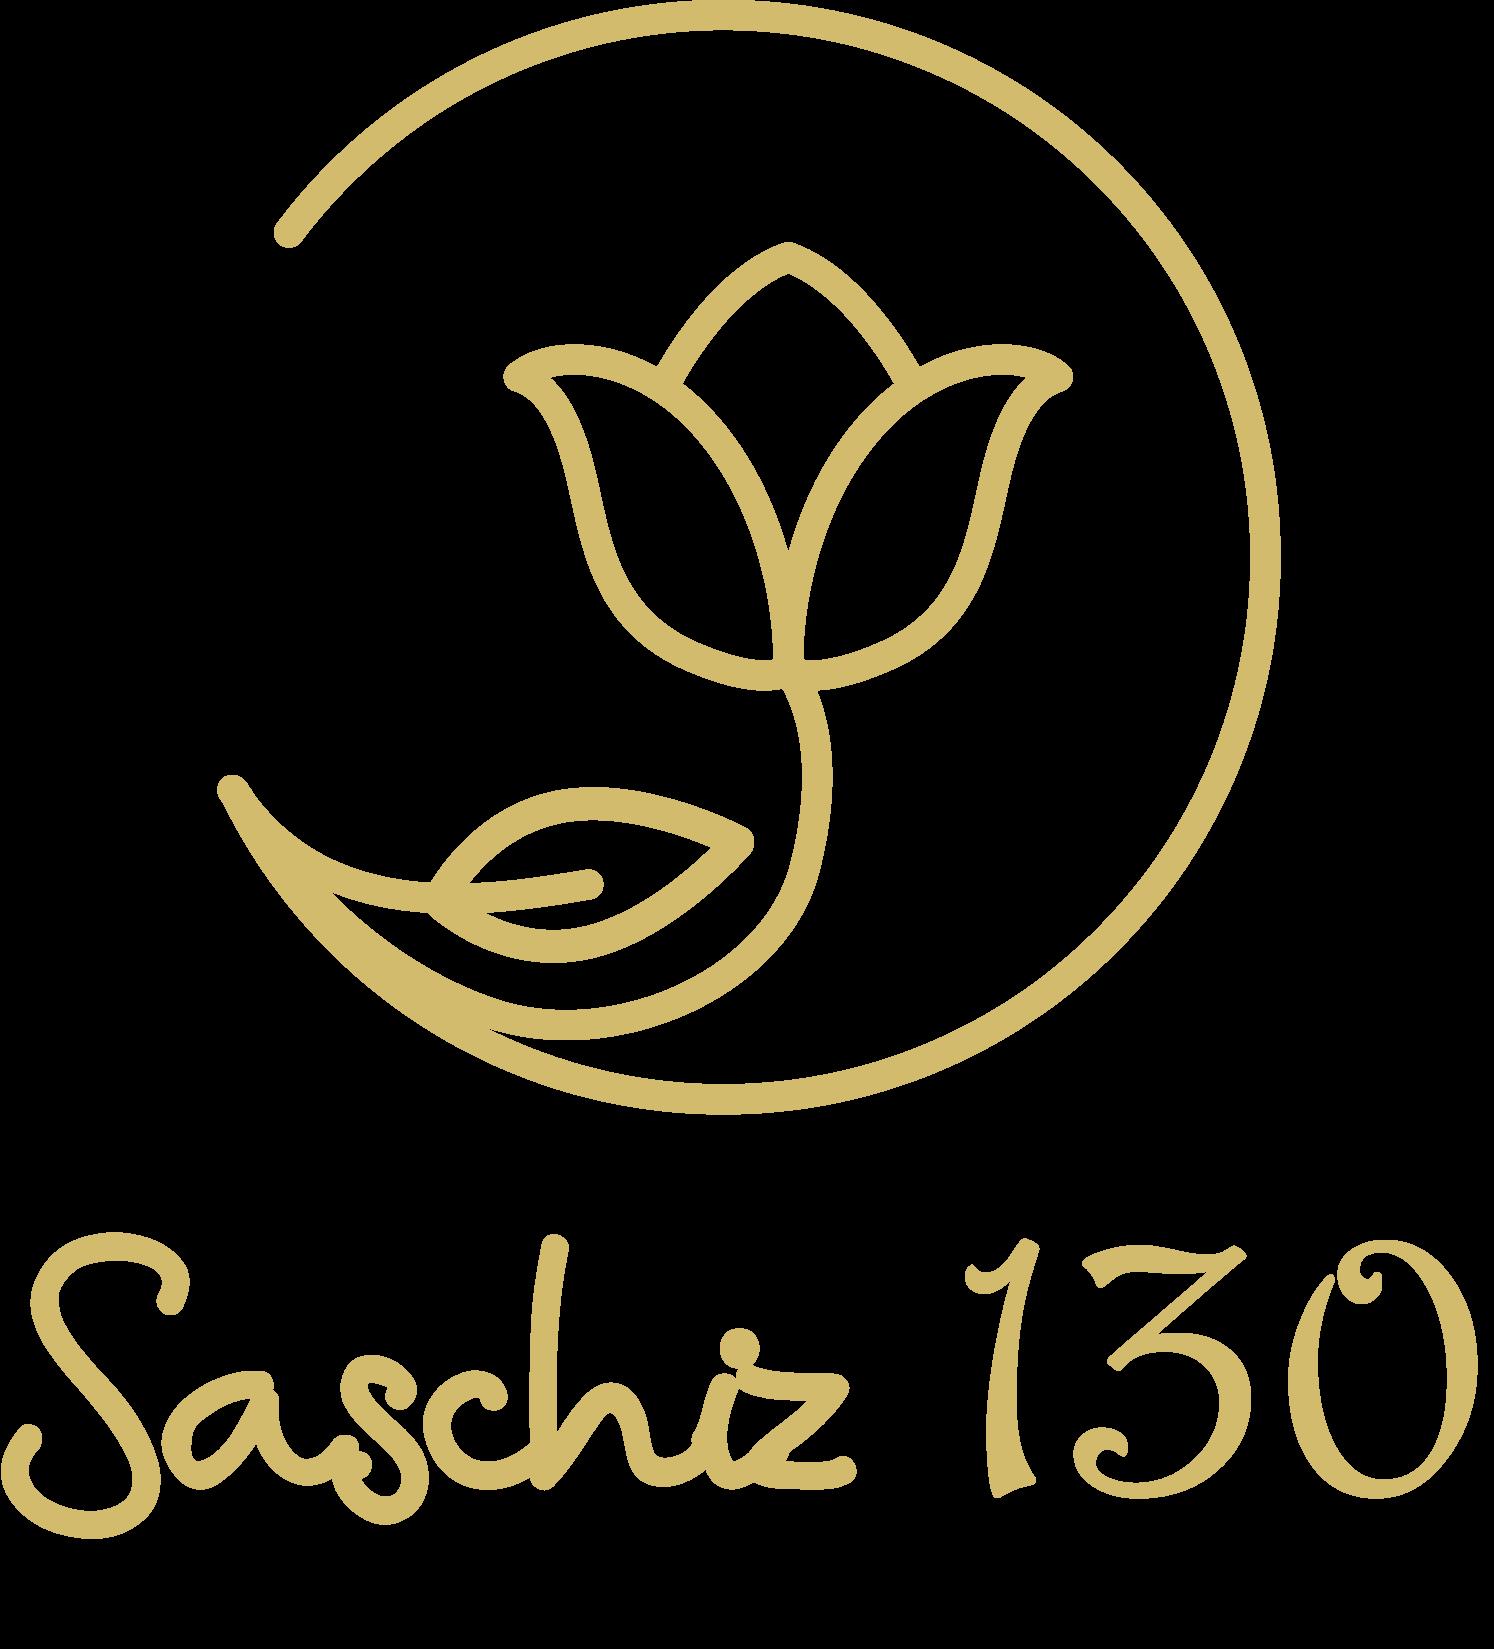 Saschiz130